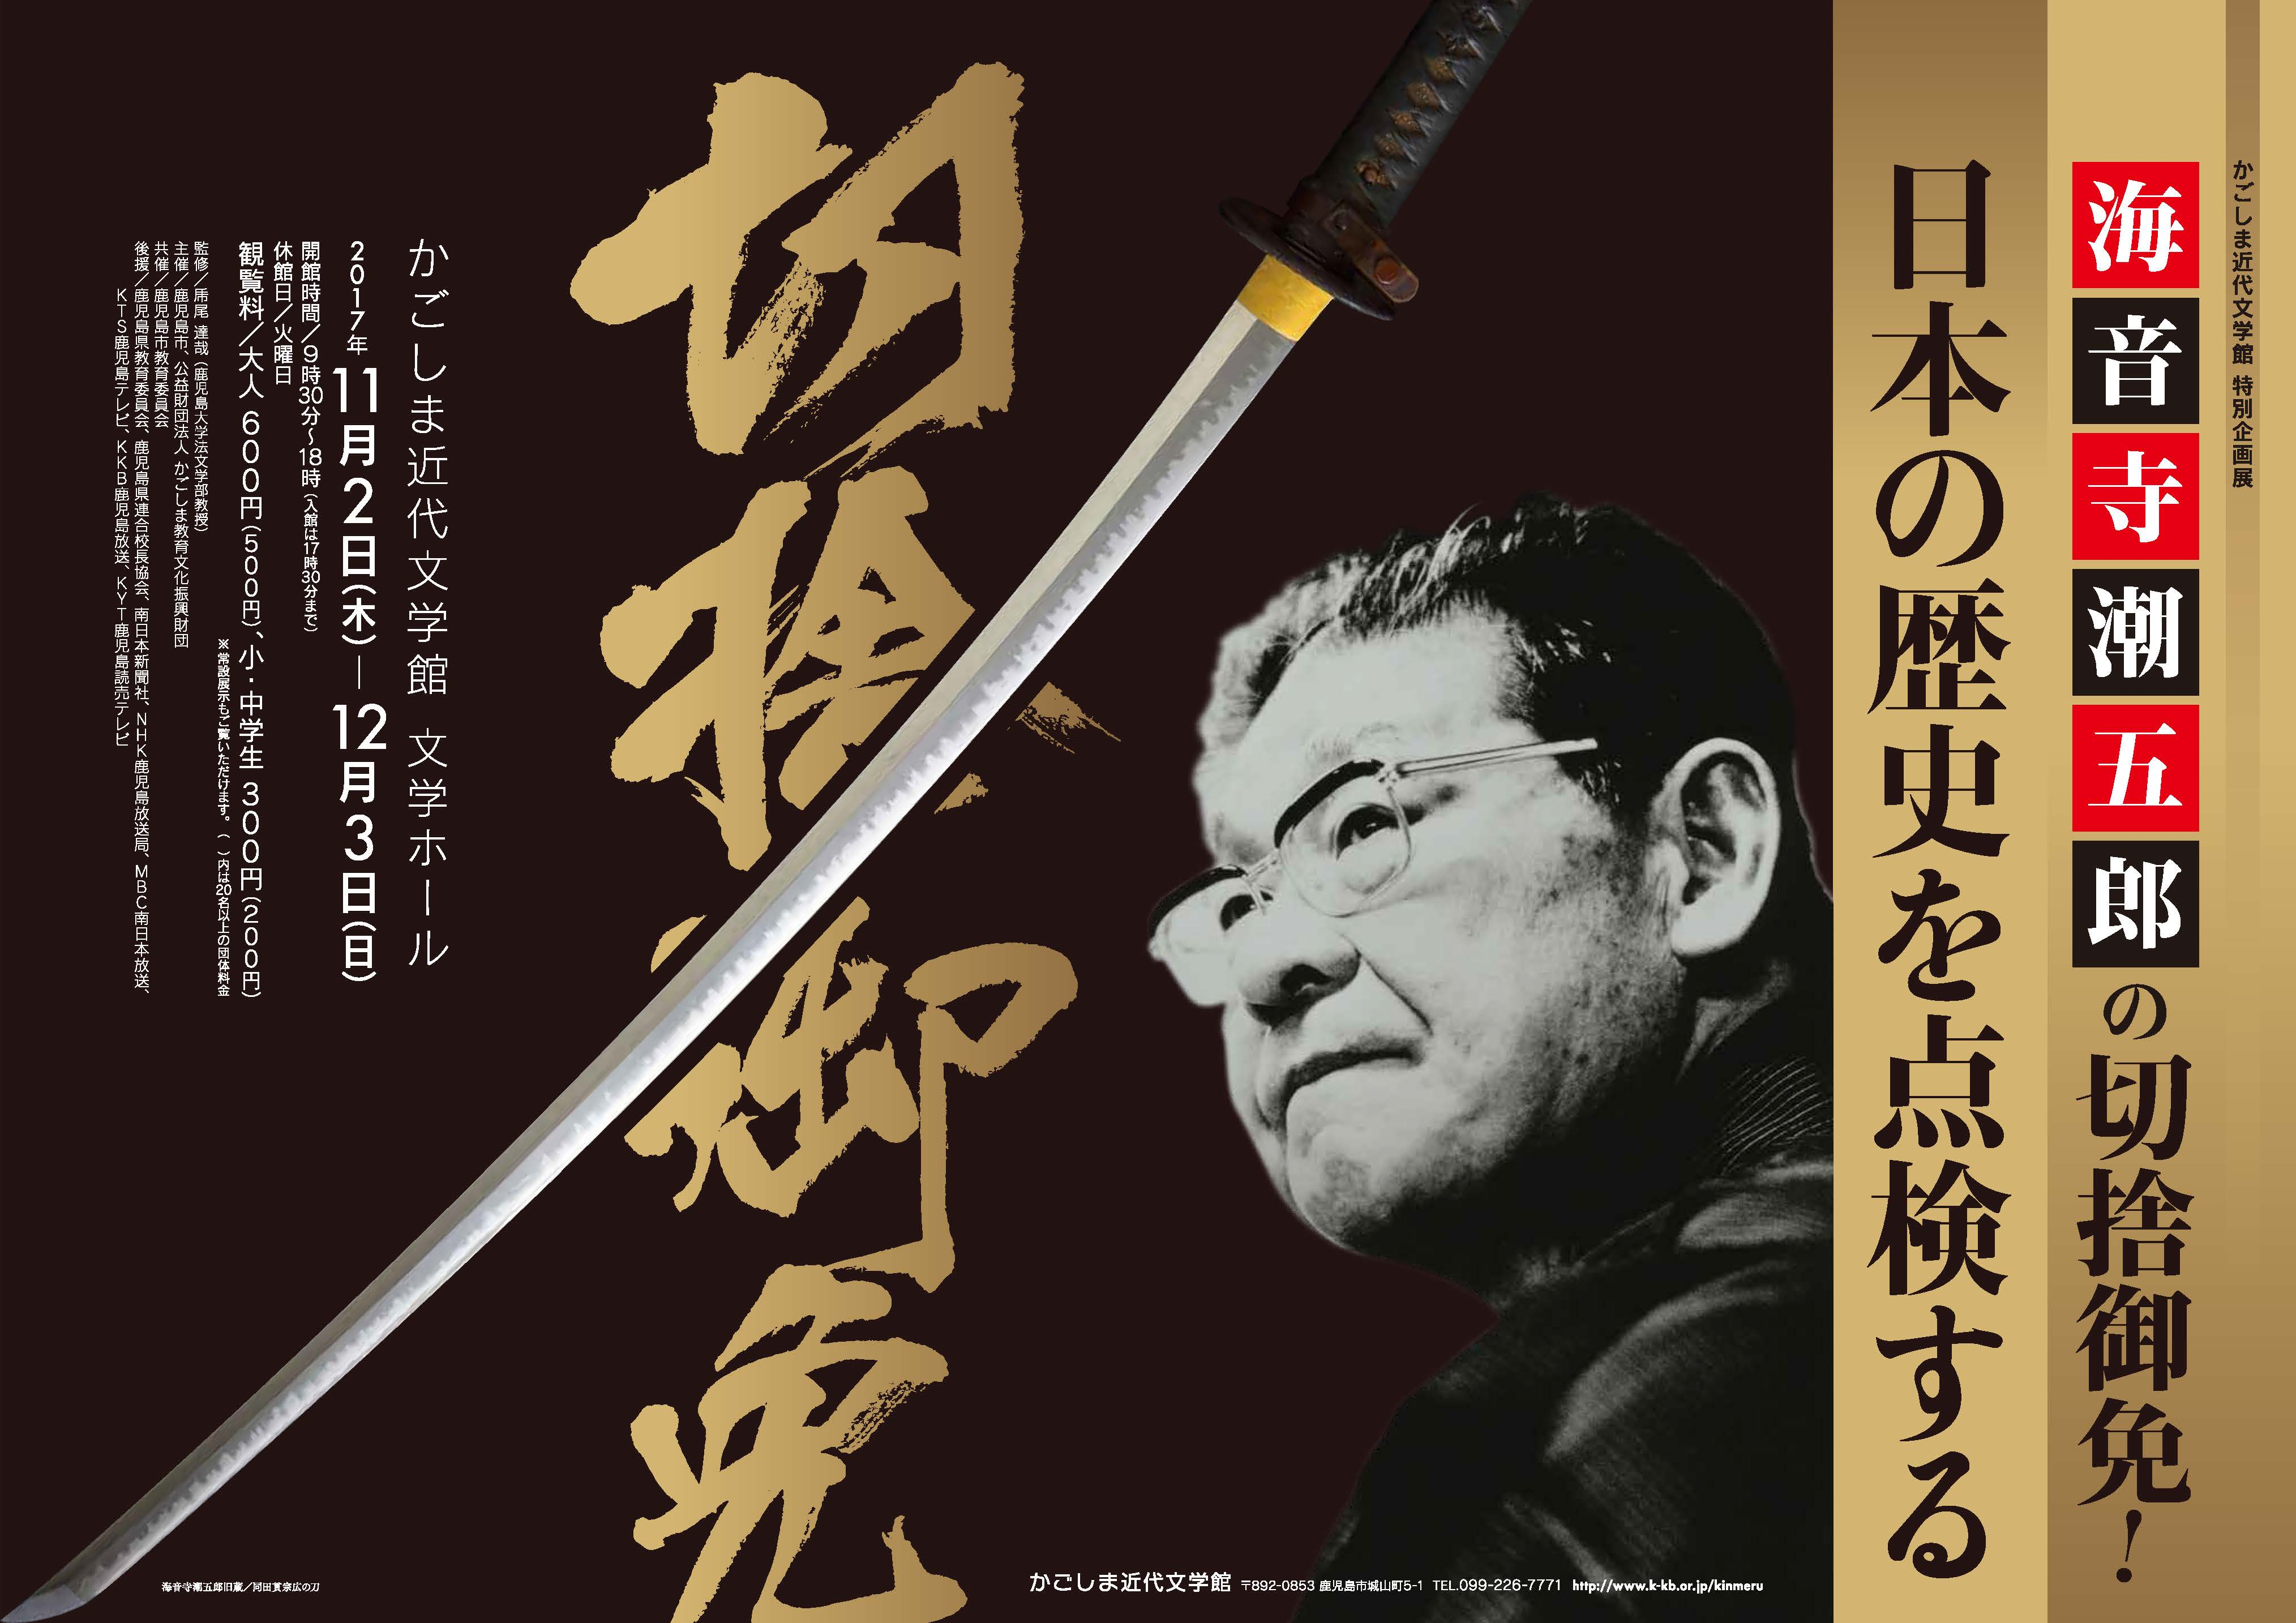 特別企画展 「海音寺潮五郎の切捨御免!日本の歴史を点検する」 2017.11.02-2017.12.03